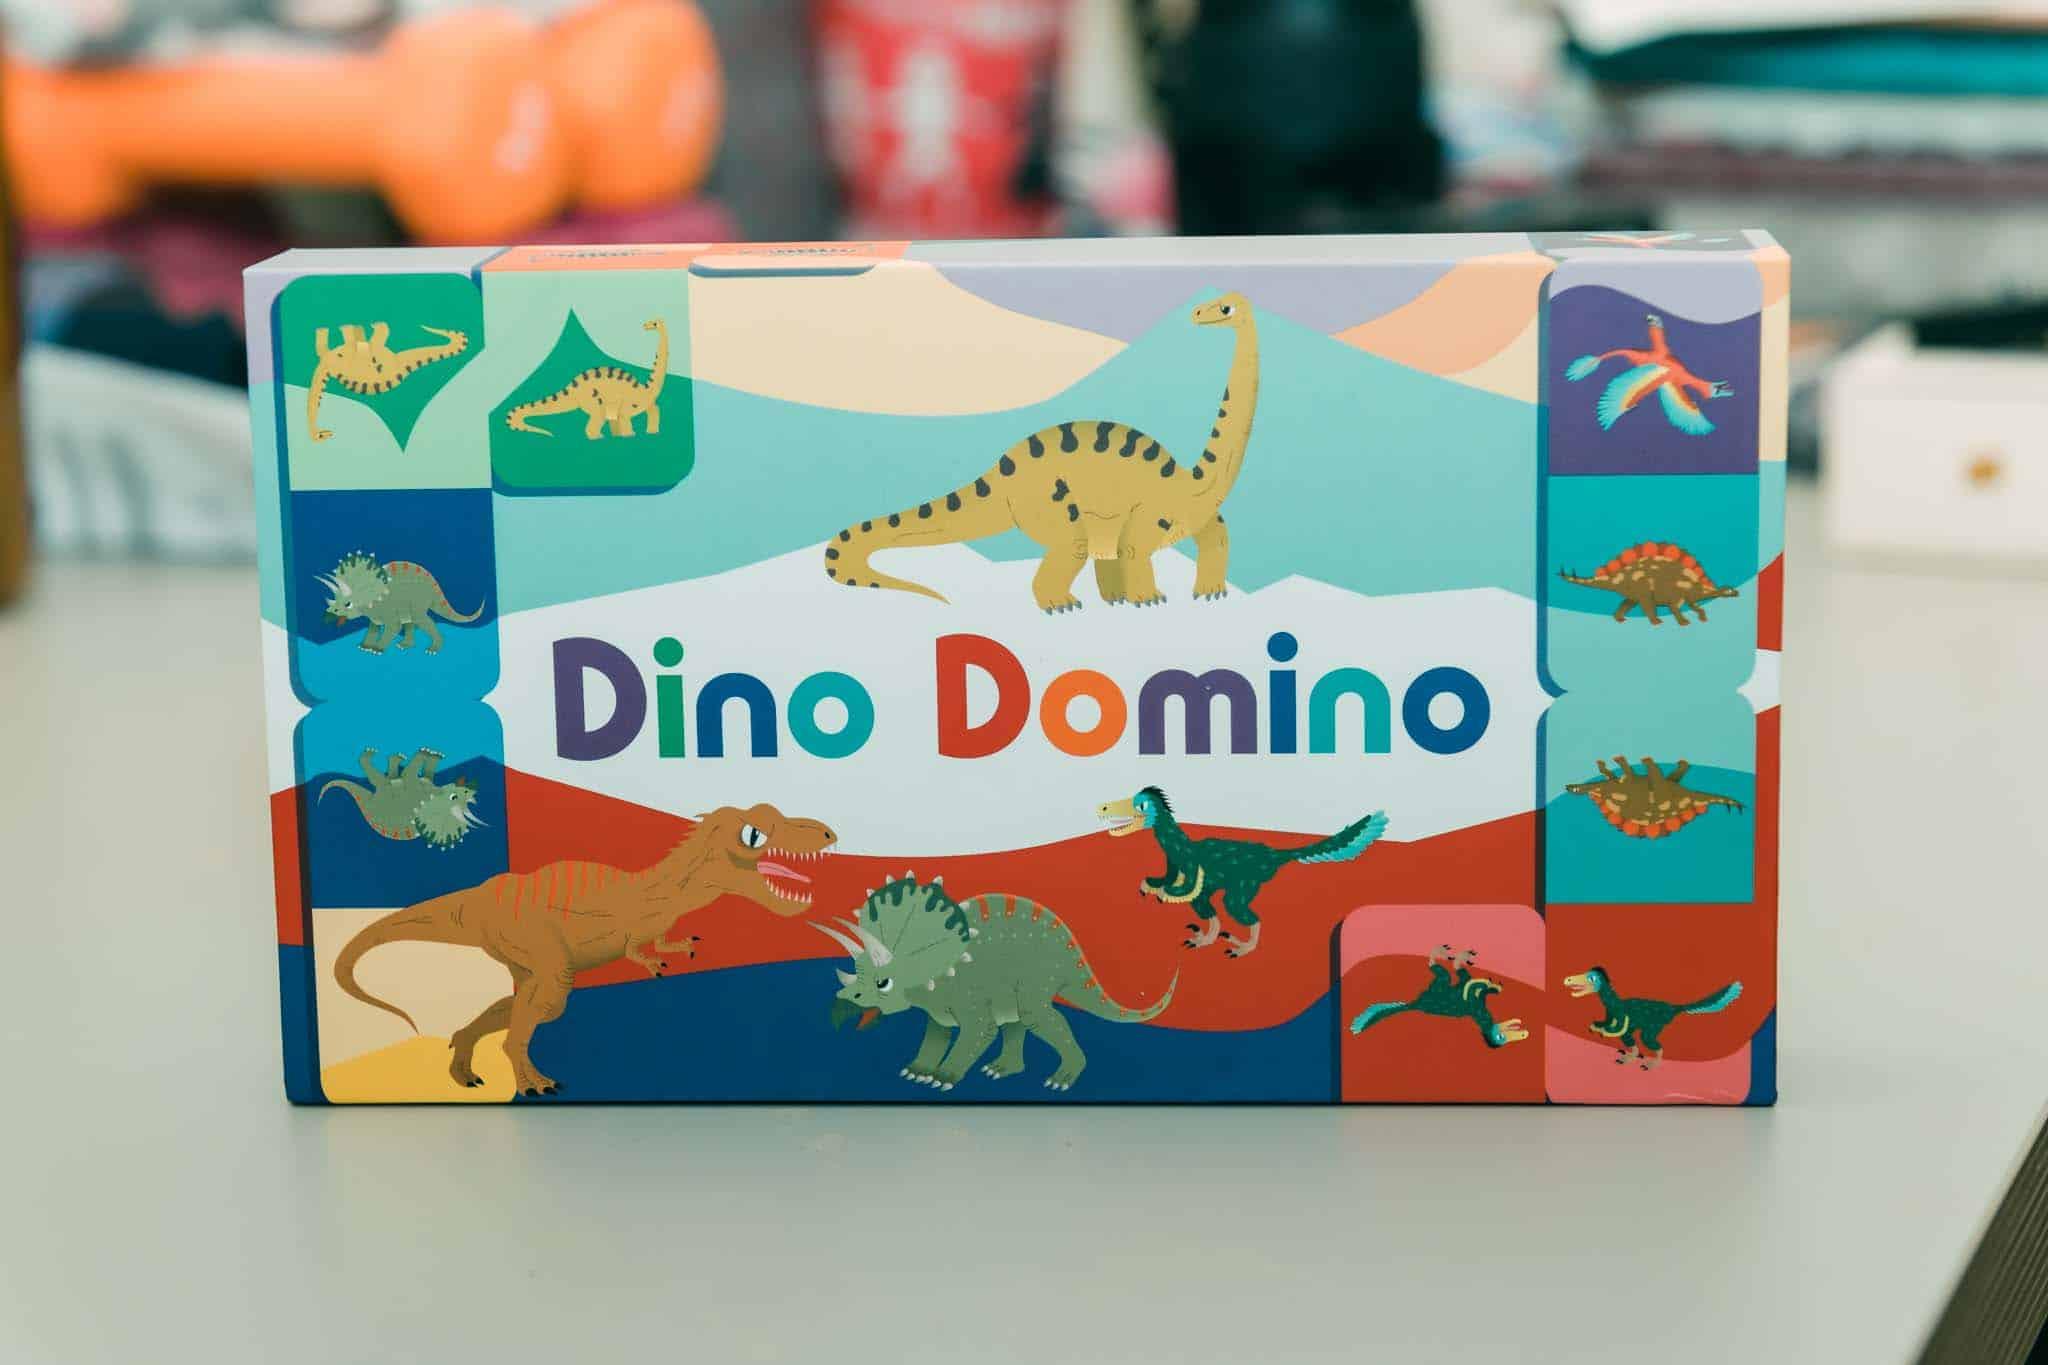 Dinosaur Activities For Preschoolers The Inspiration Edit